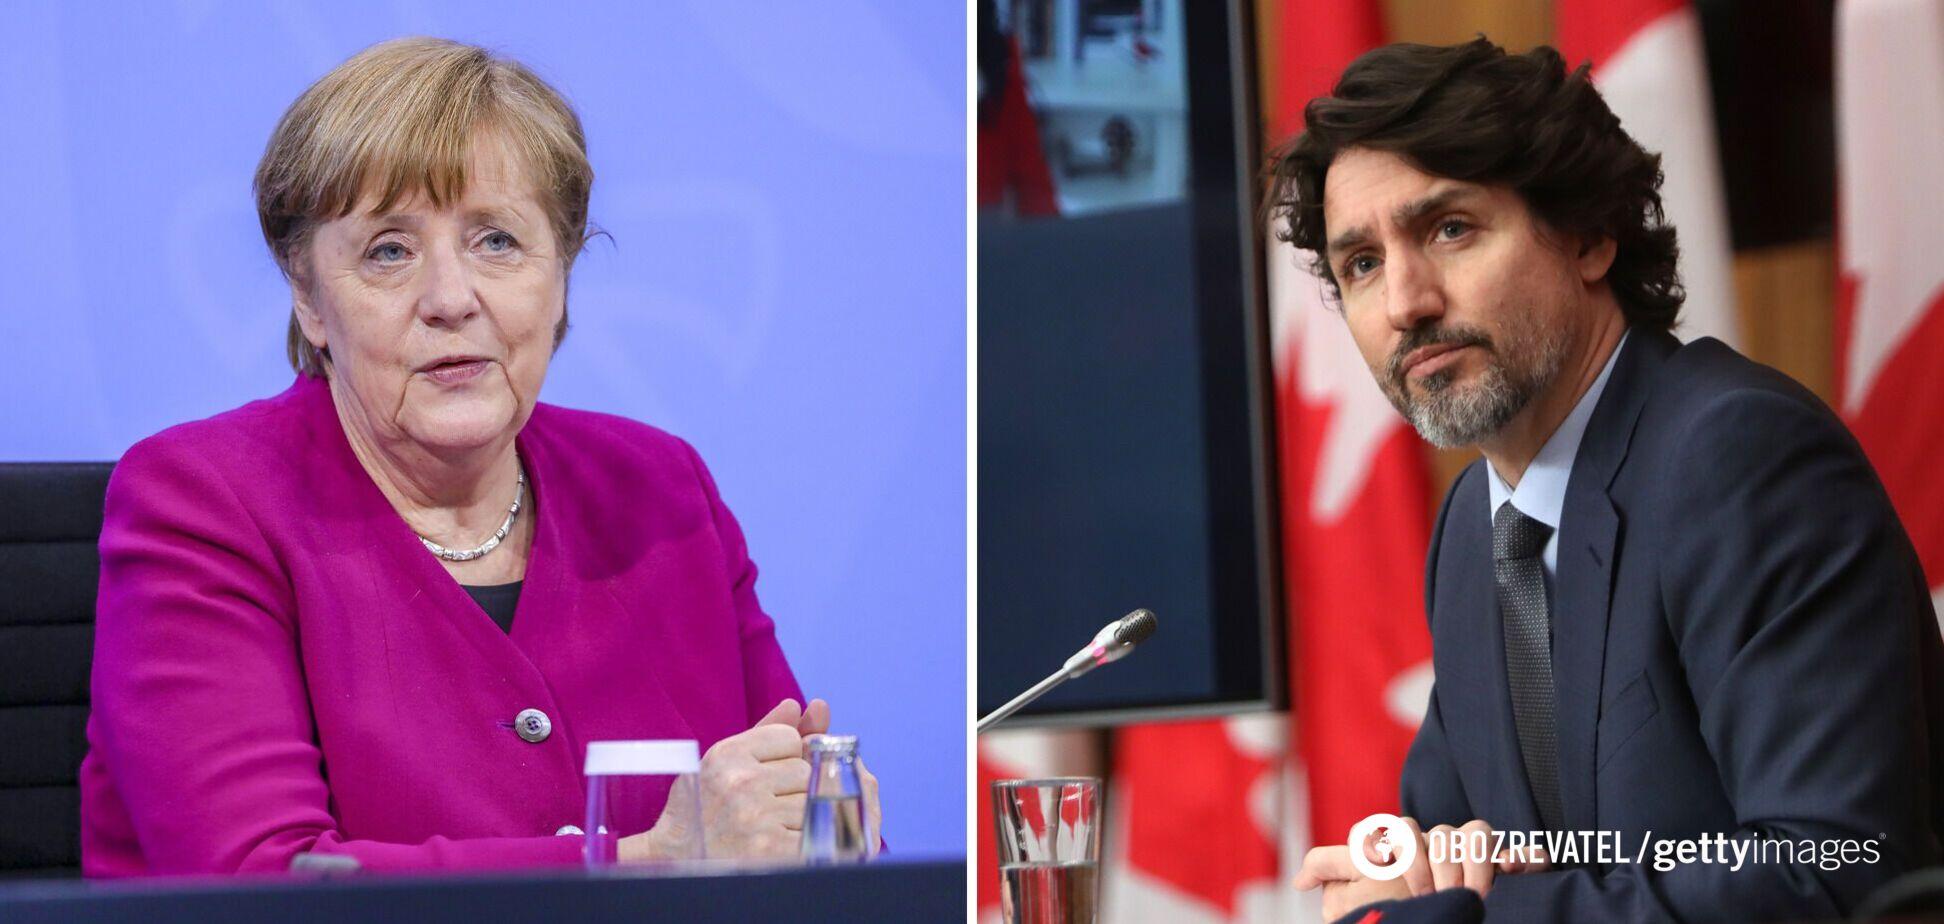 Меркель и Трюдо раскритиковали усиление военного присутствия РФ возле Украины